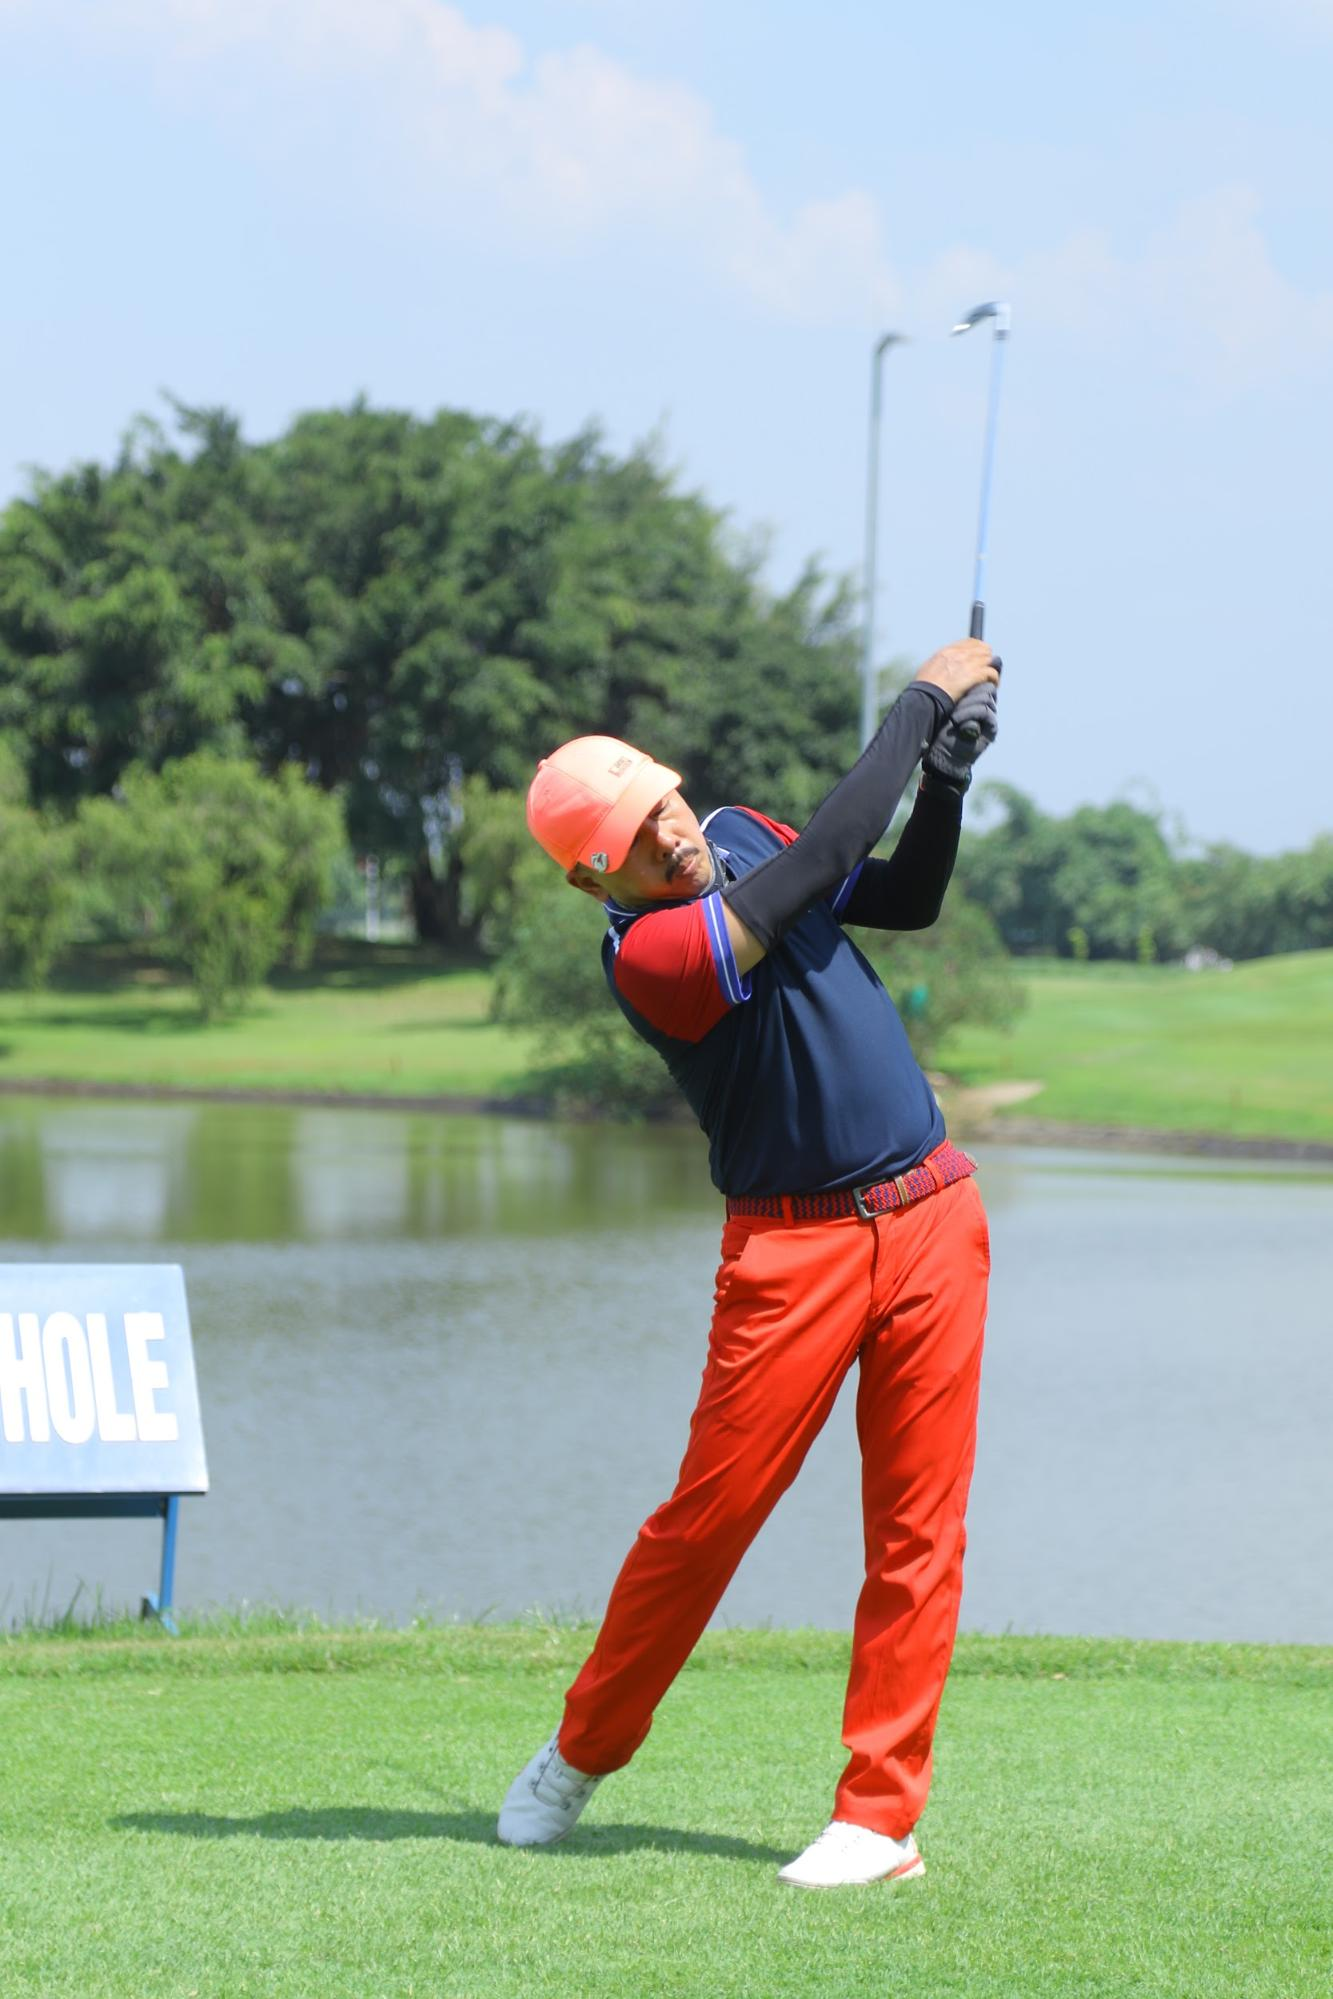 dấu hiệu thoái hóa khớp ở người chơi golf